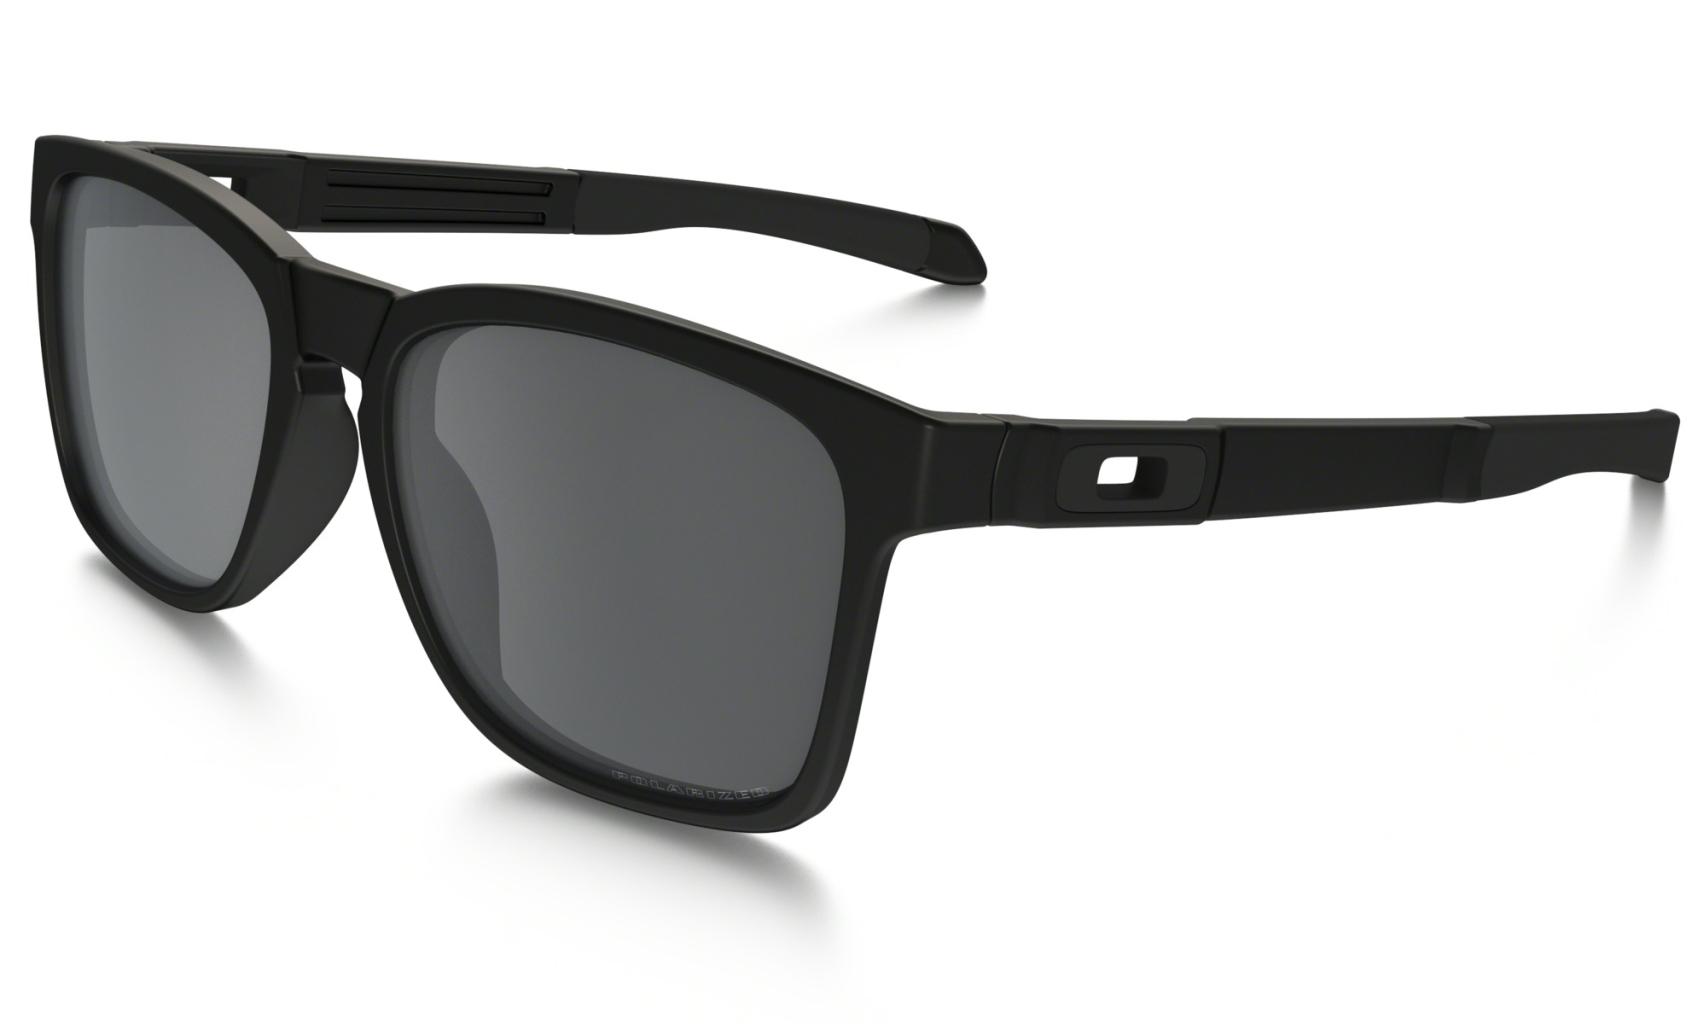 Oakley Catalyst Matte Black w/ BlkIrdPolar-30